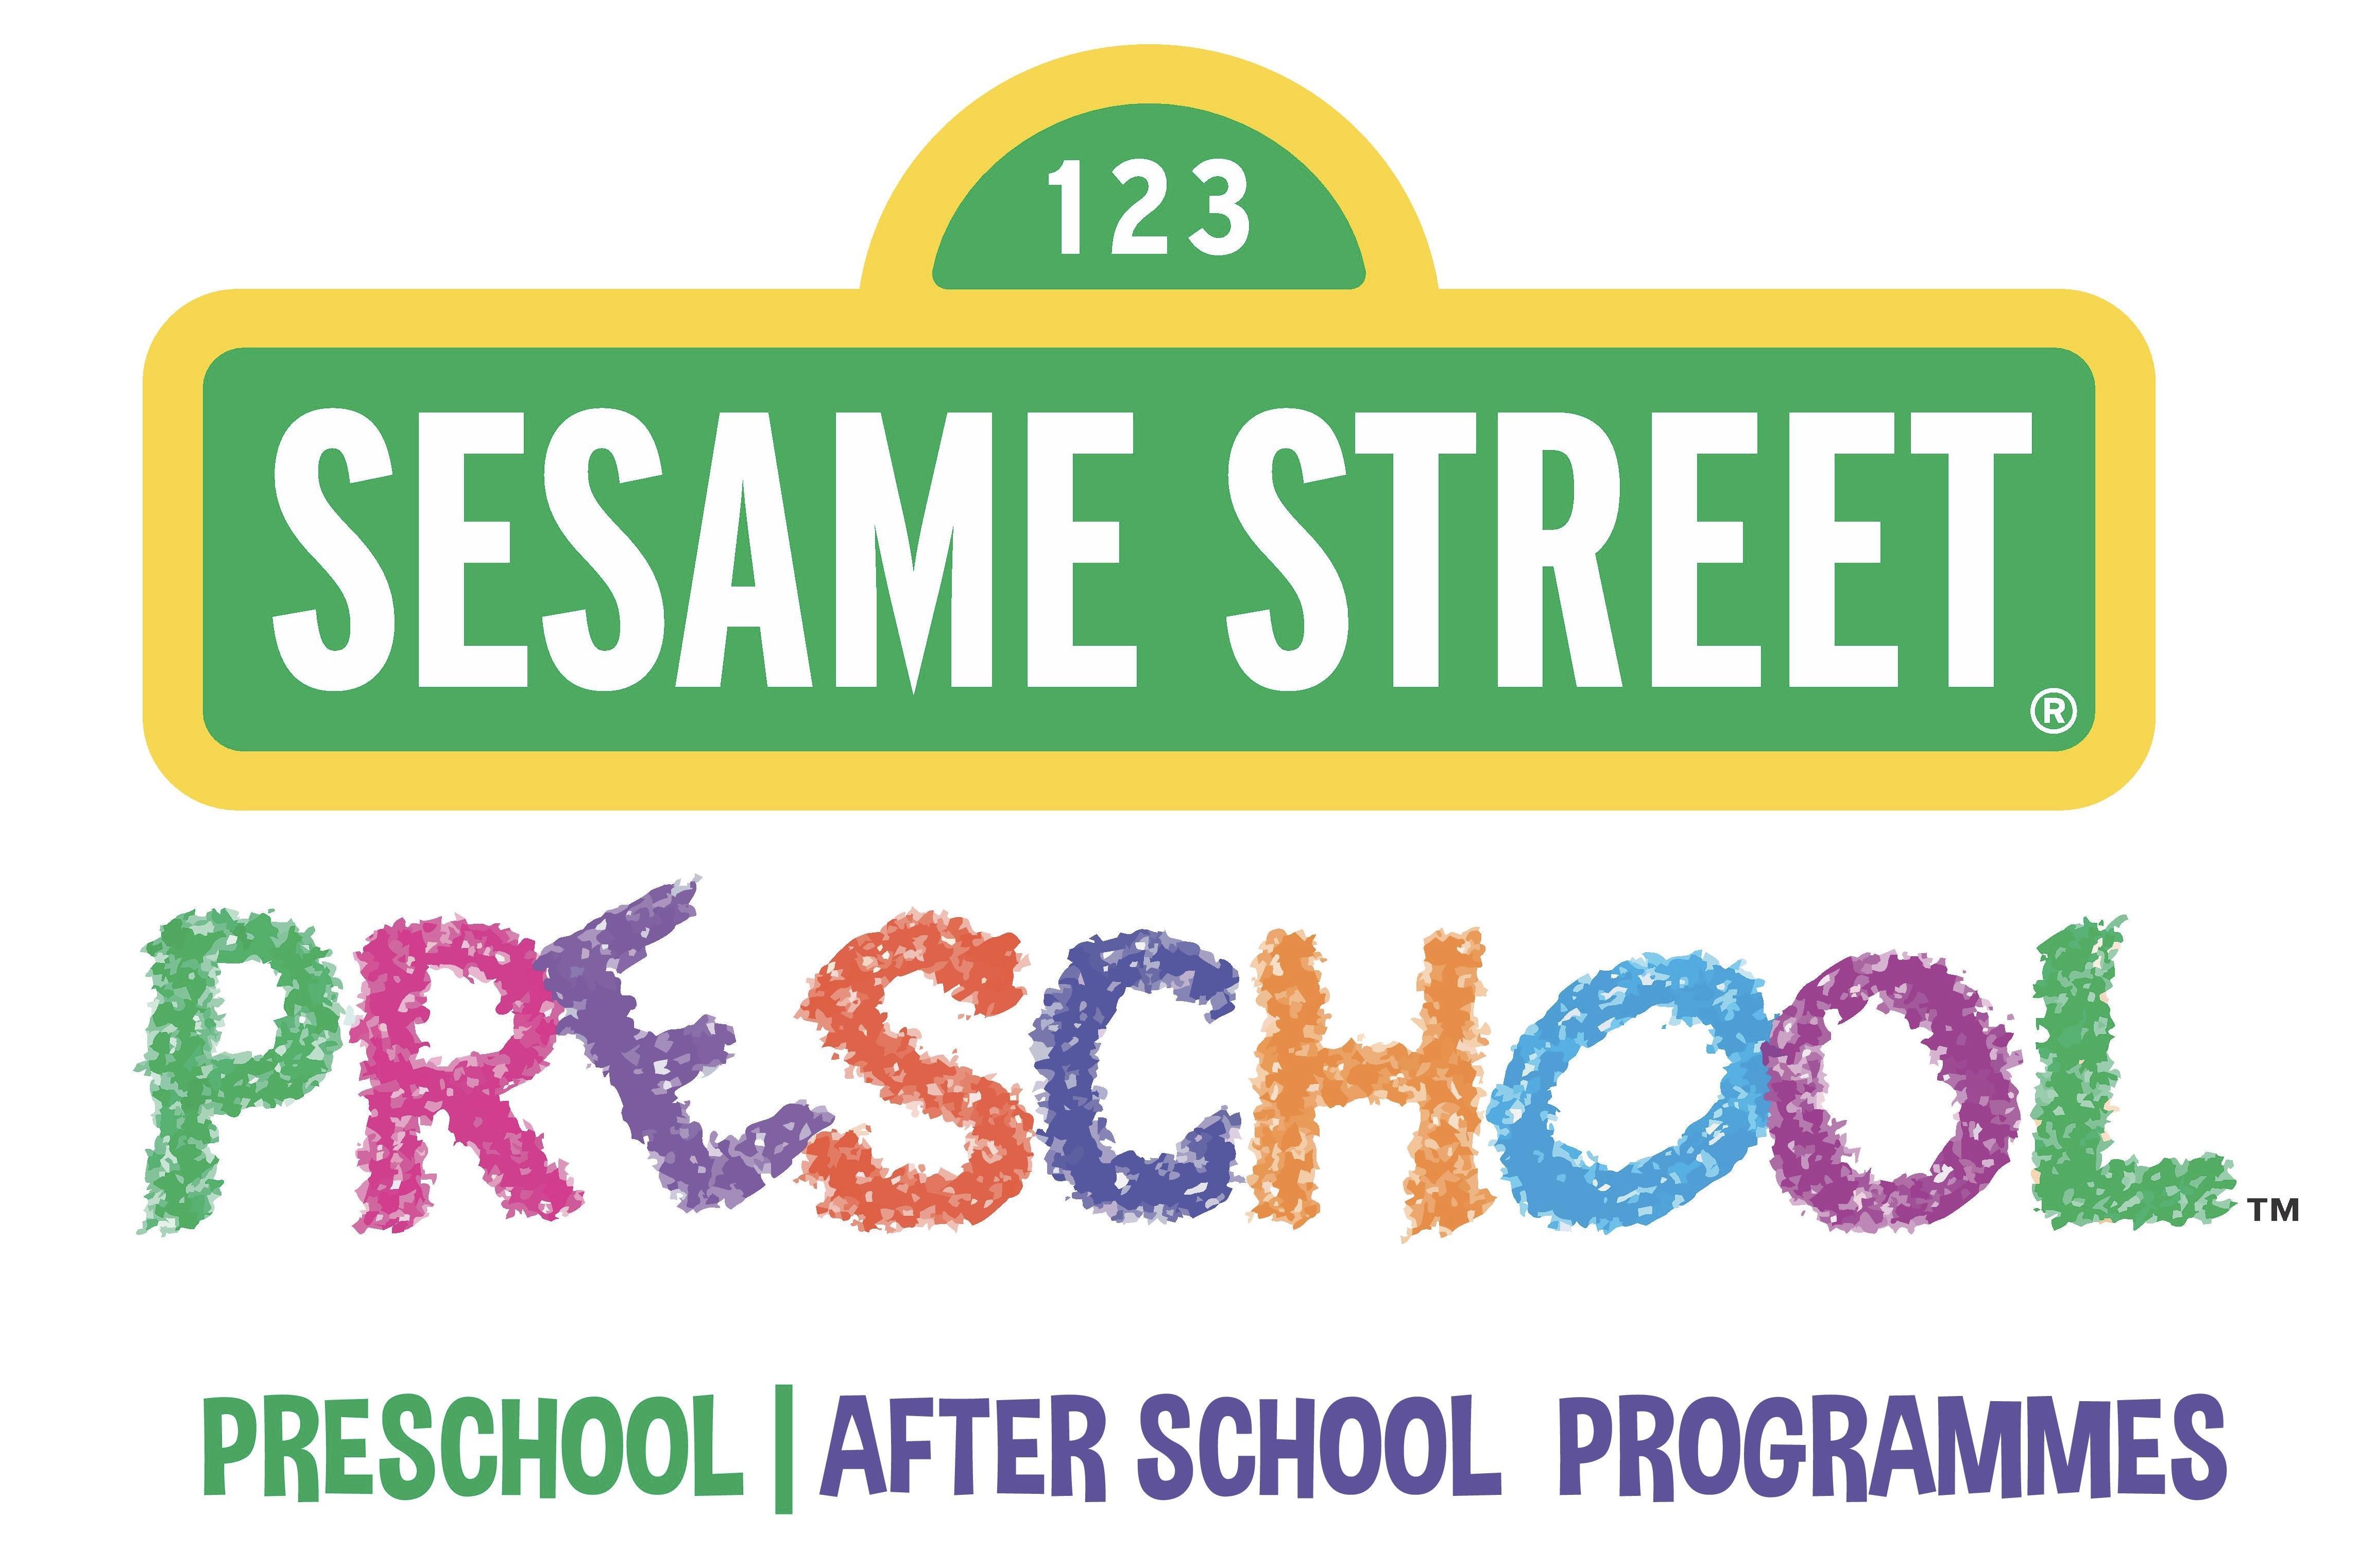 Sesame Street - Akota - Vadodara Image